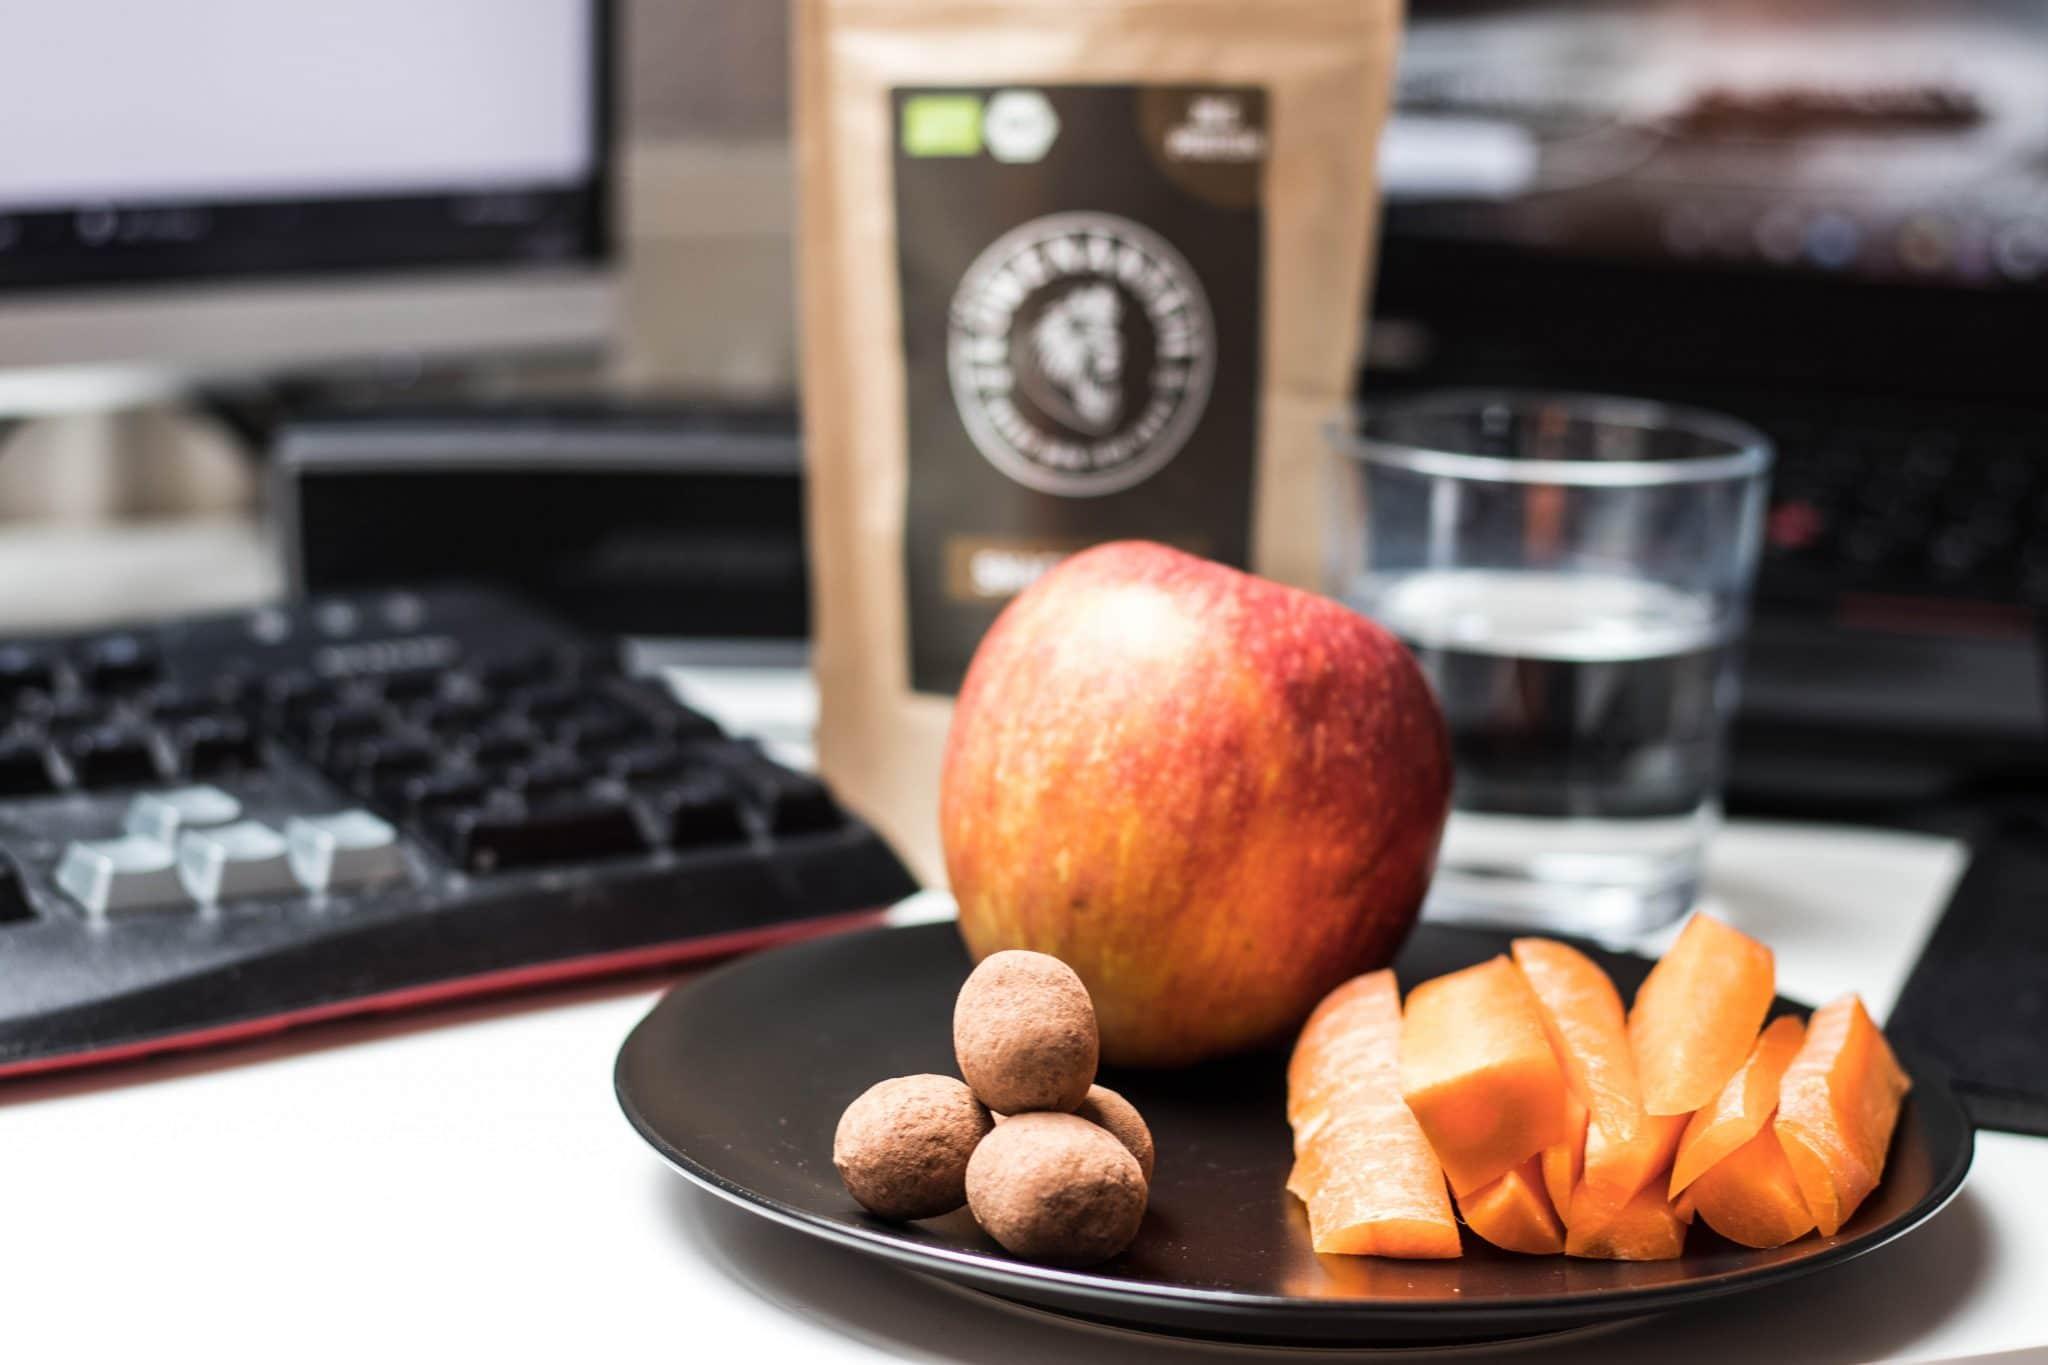 Diese gesunden Snacks eigenen sich super für zwischendurch! Snackballs von Löwenanteil, persönliche Erfahrungen.